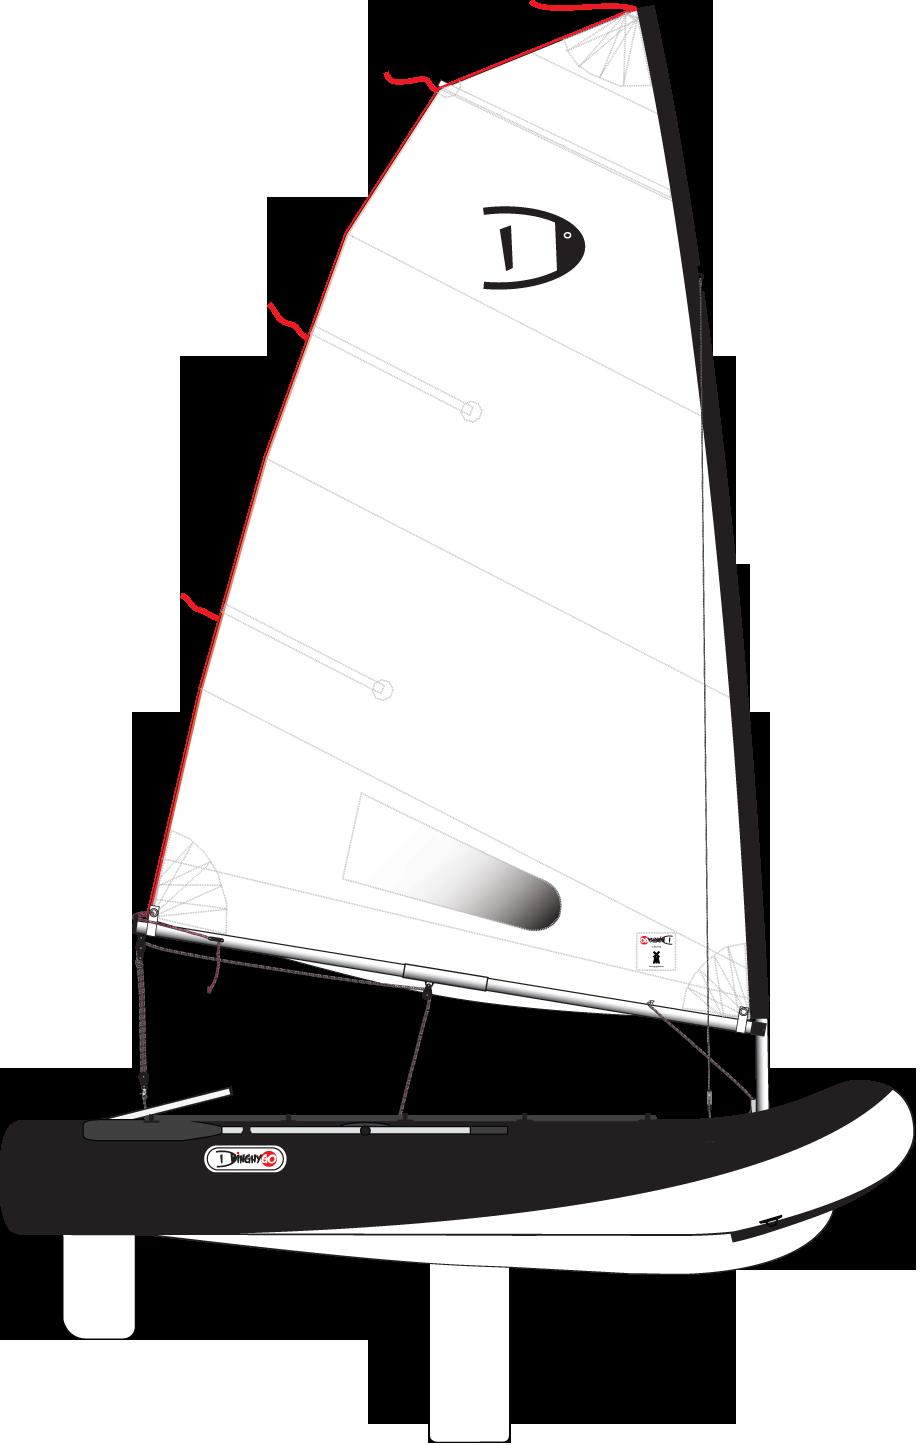 DinghyGo Orca (Lieferung April)